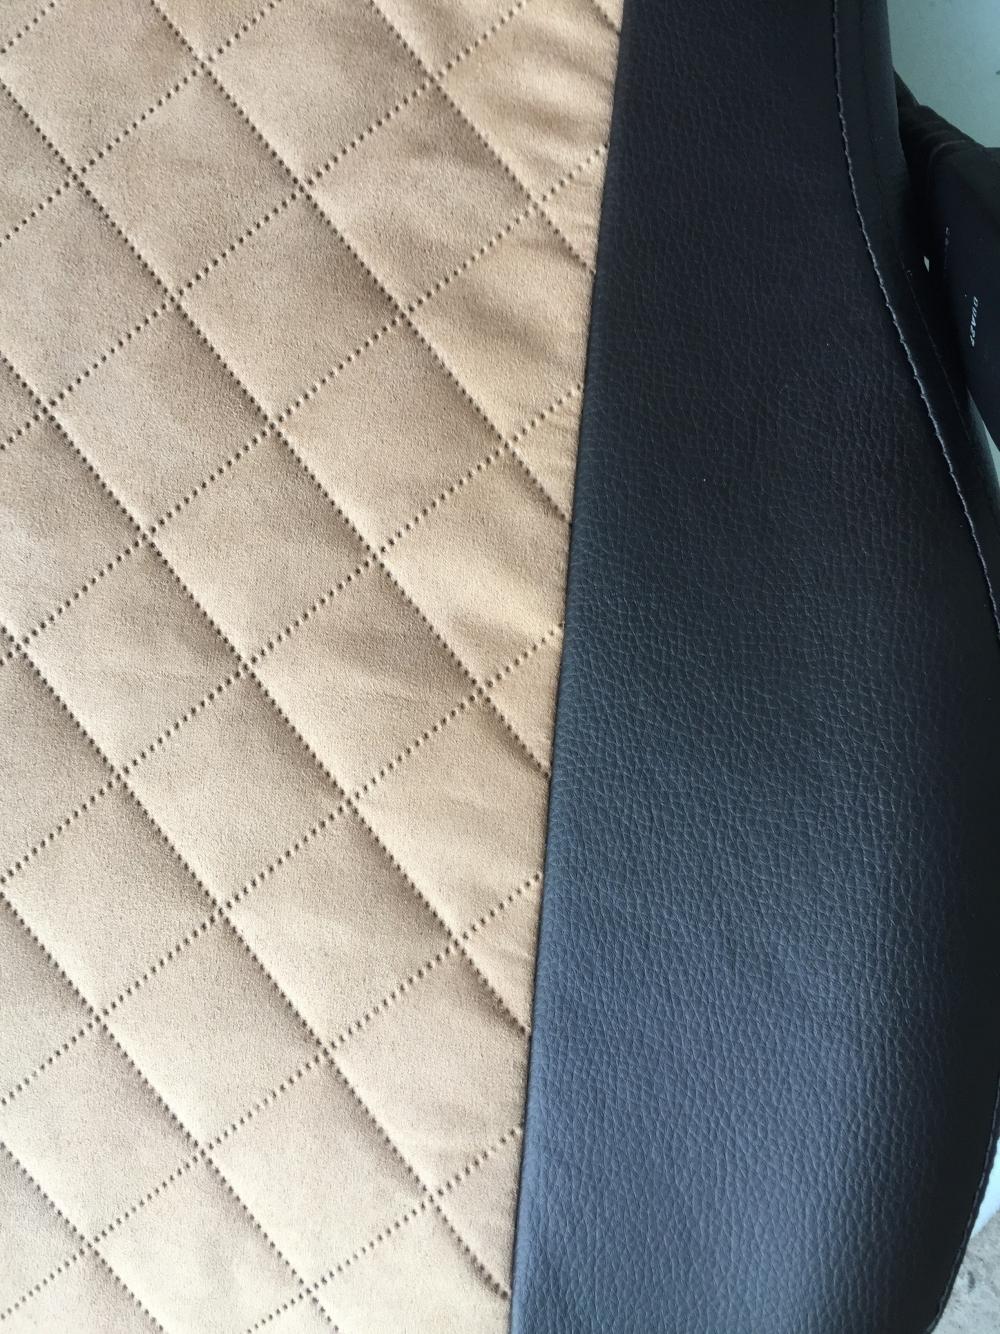 Модельные чехлы на сидения из экокожи  + алькантара  Ромб - 3